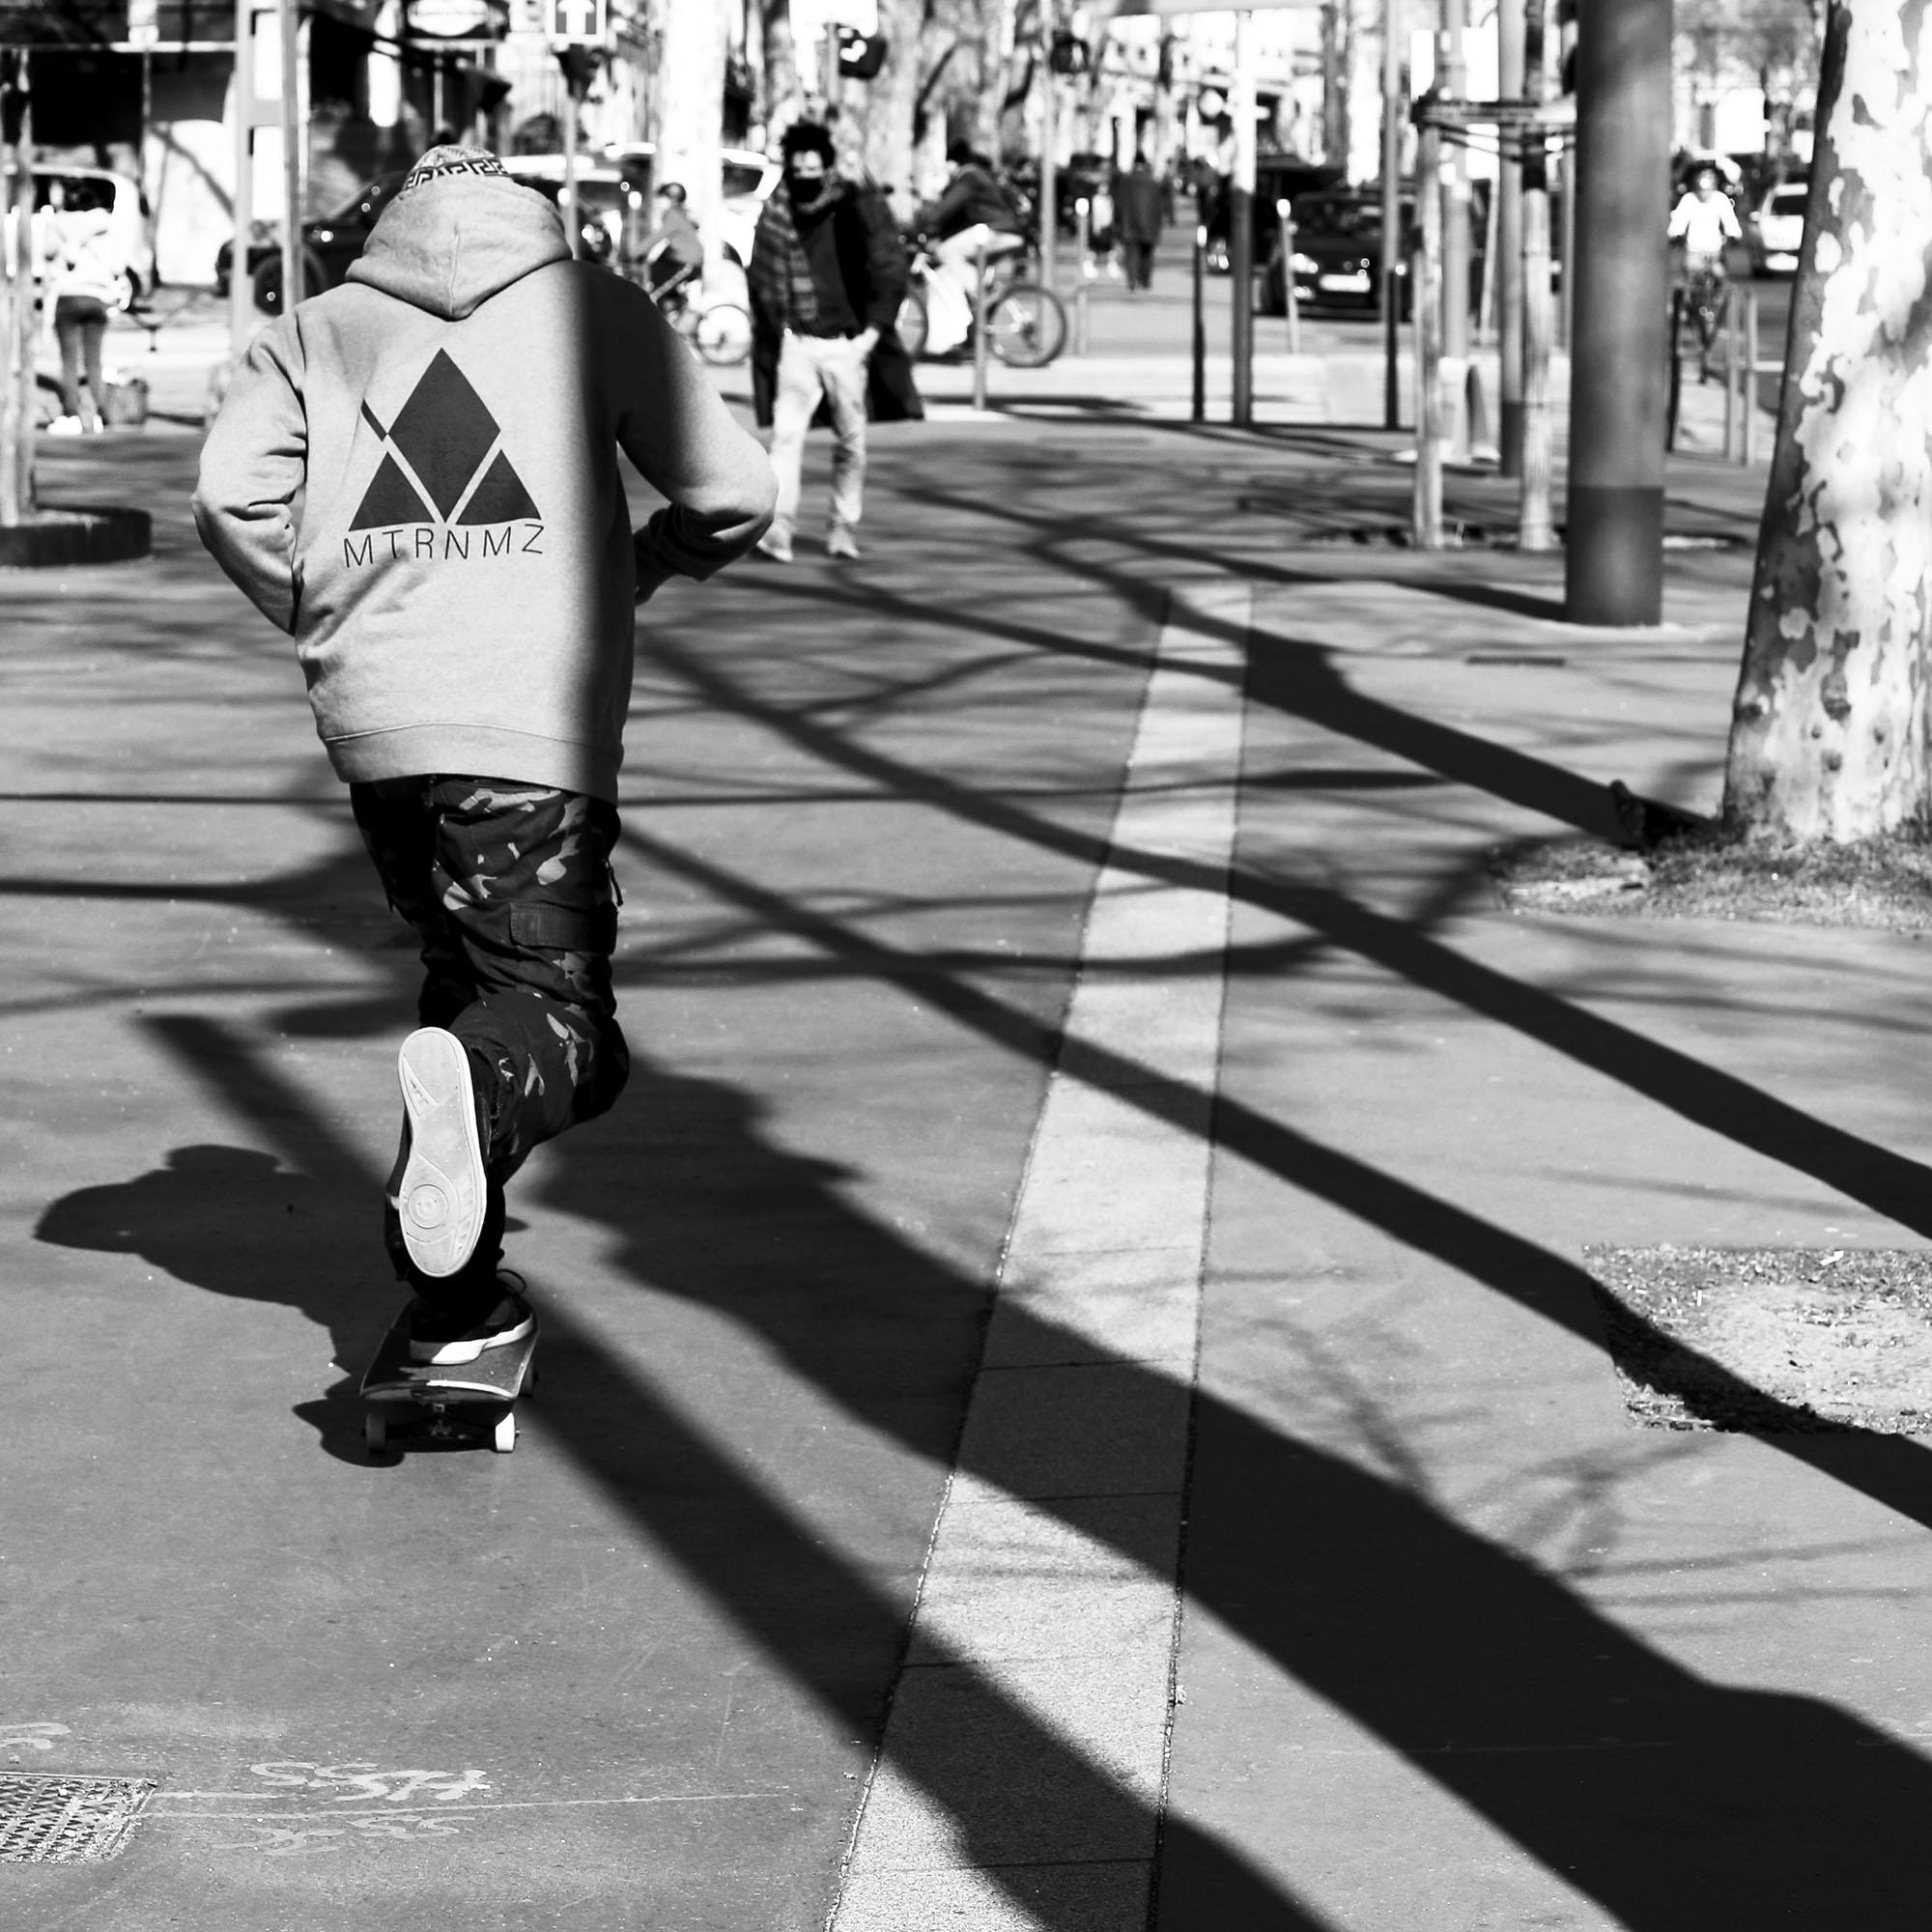 Metronomz-street-skateboarding-wear